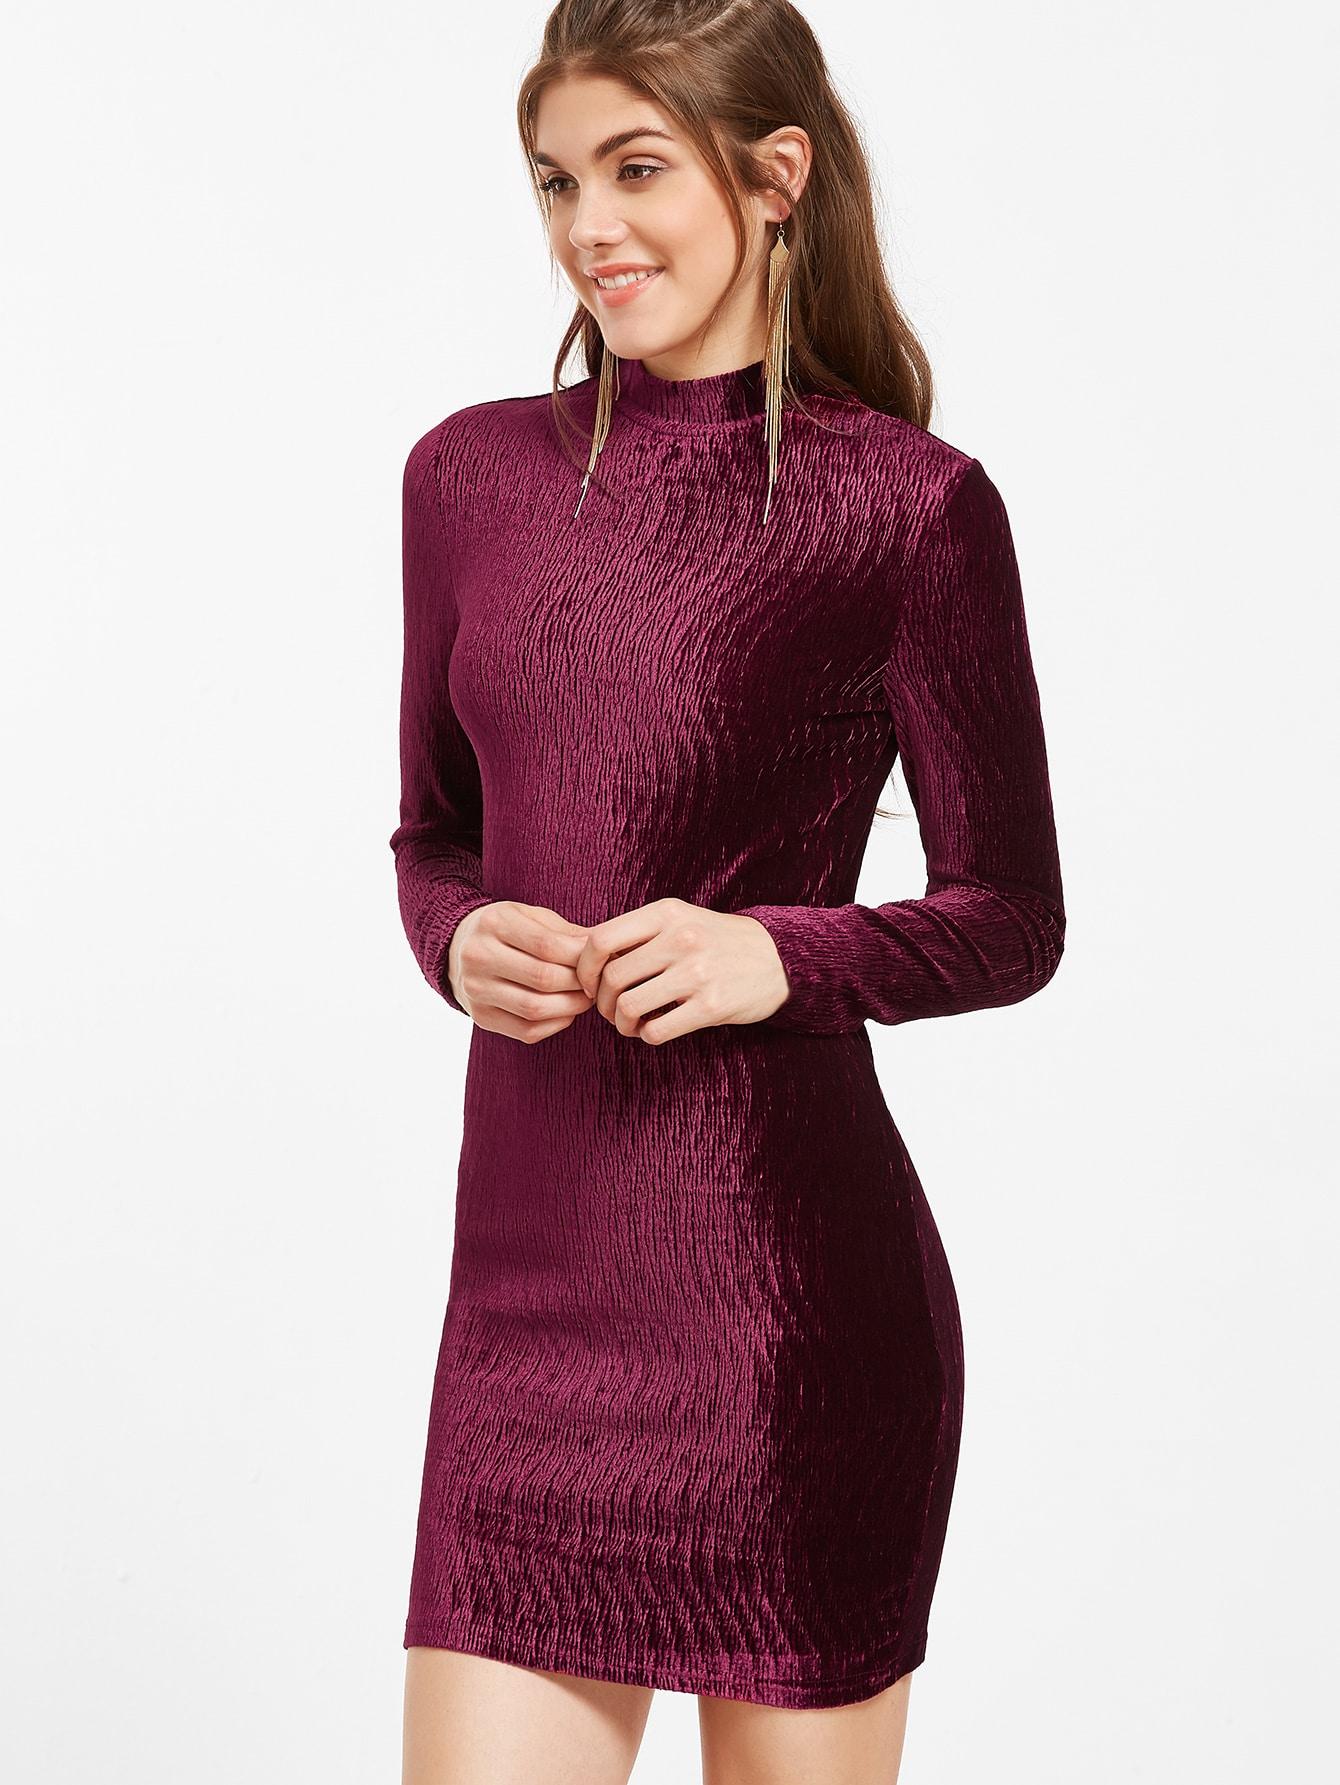 dress161020716_2